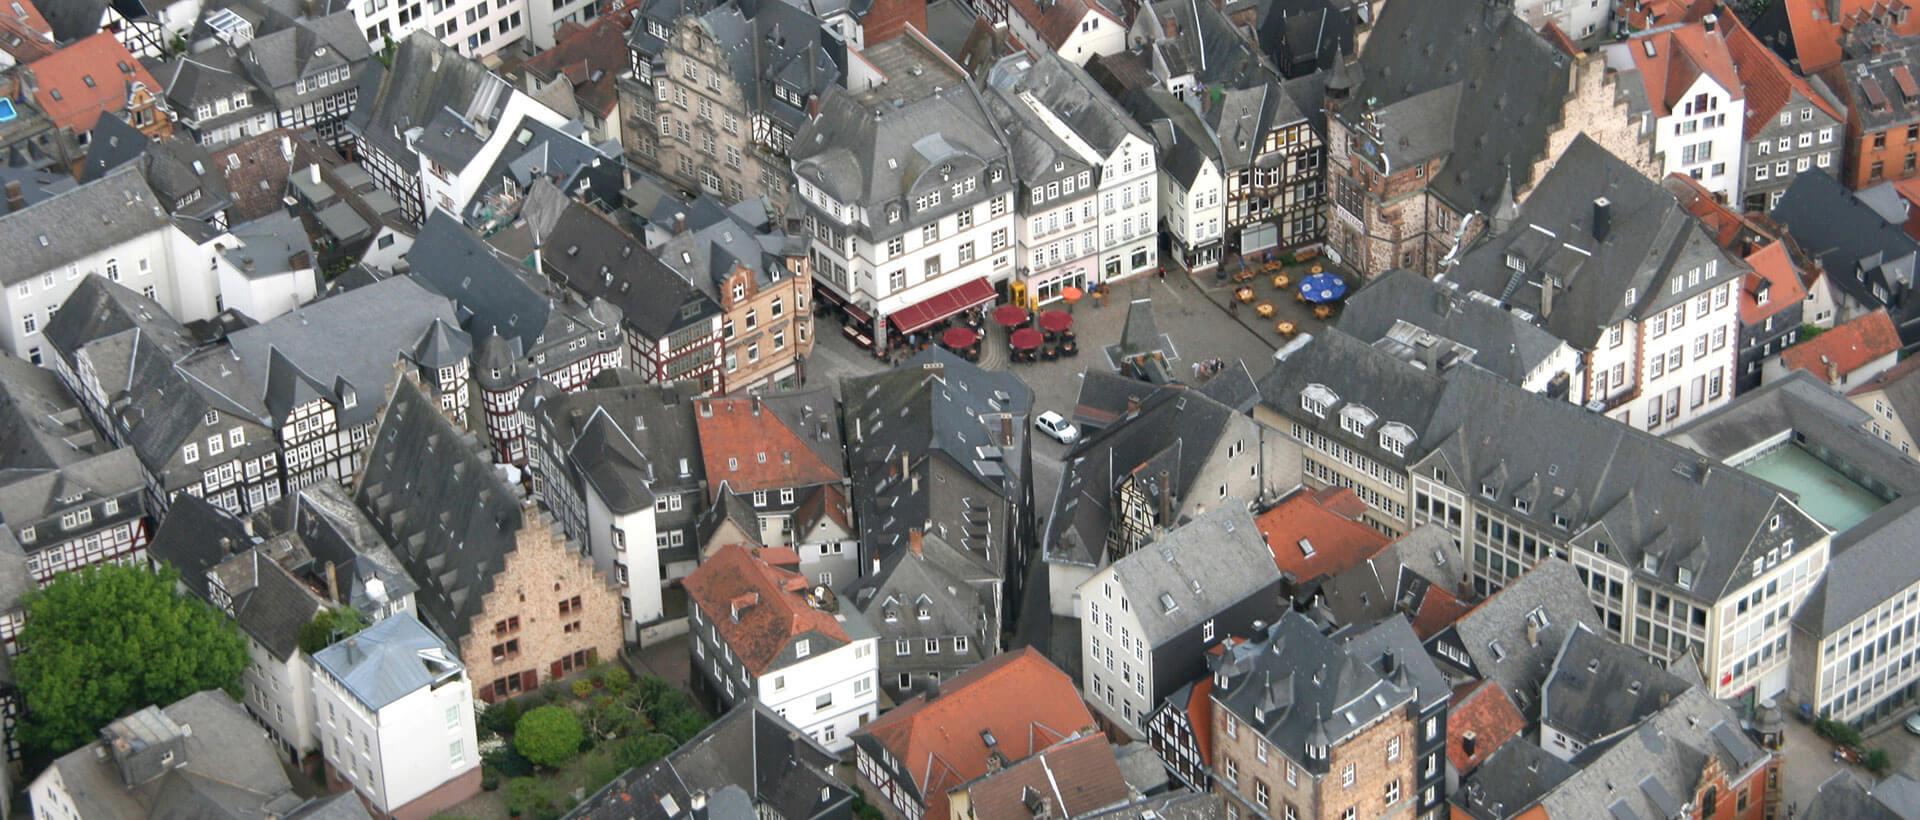 Luftaufnahmen vom Marburger historischen Rathaus, Credits Klaus Laaser